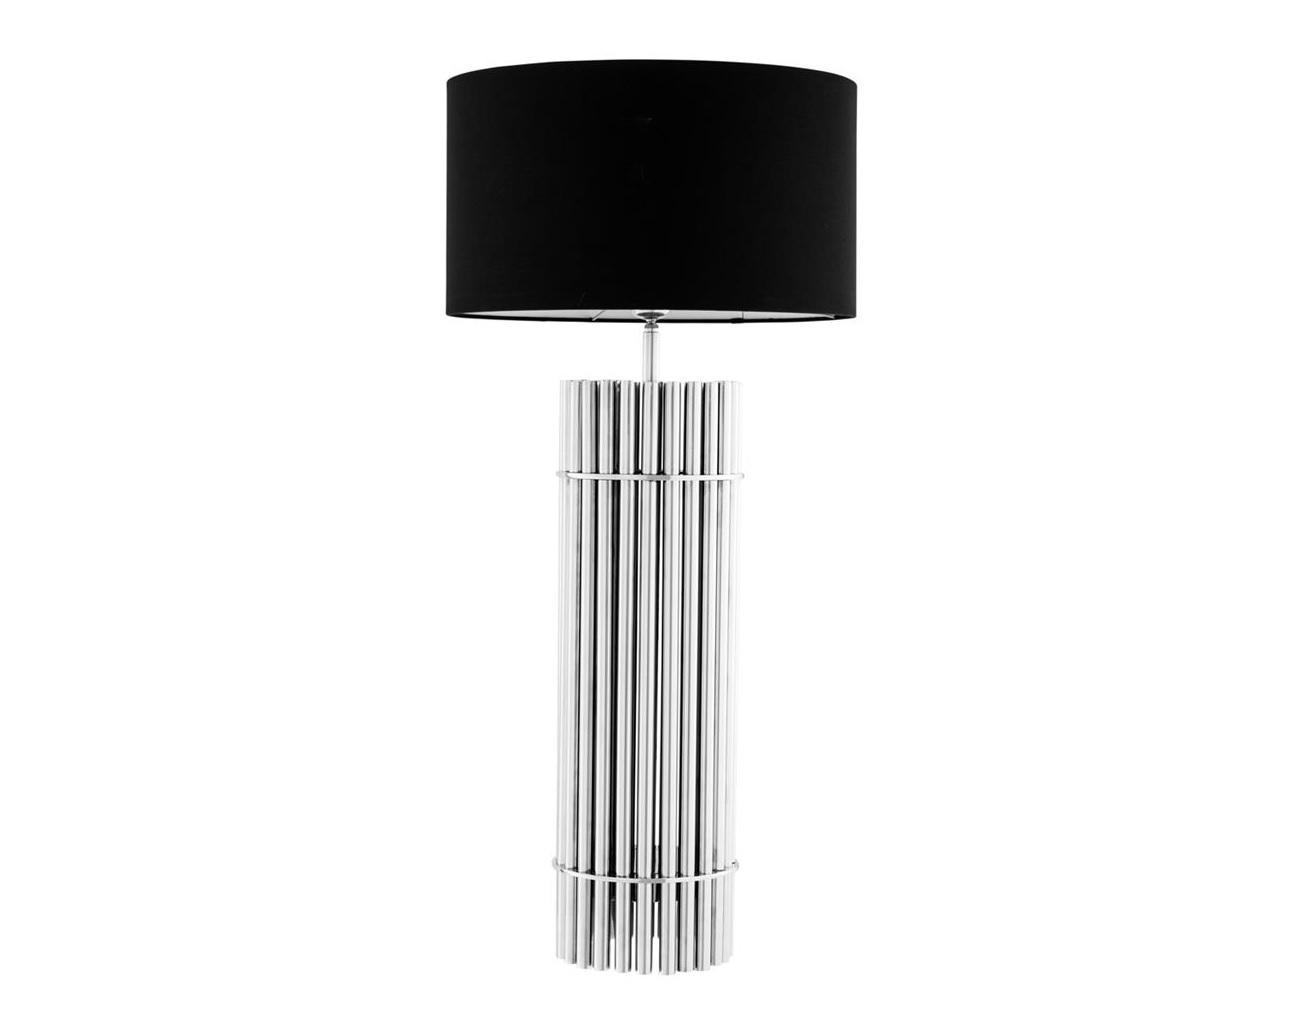 Настольная лампа Table Lamp ReefДекоративные лампы<br>&amp;lt;div&amp;gt;Вид цоколя: E27&amp;lt;br&amp;gt;&amp;lt;/div&amp;gt;&amp;lt;div&amp;gt;&amp;lt;div&amp;gt;Мощность: 40W&amp;lt;/div&amp;gt;&amp;lt;div&amp;gt;Количество ламп: 1 (нет в комплекте)&amp;lt;/div&amp;gt;&amp;lt;/div&amp;gt;<br><br>Material: Металл<br>Height см: 96,5<br>Diameter см: 45